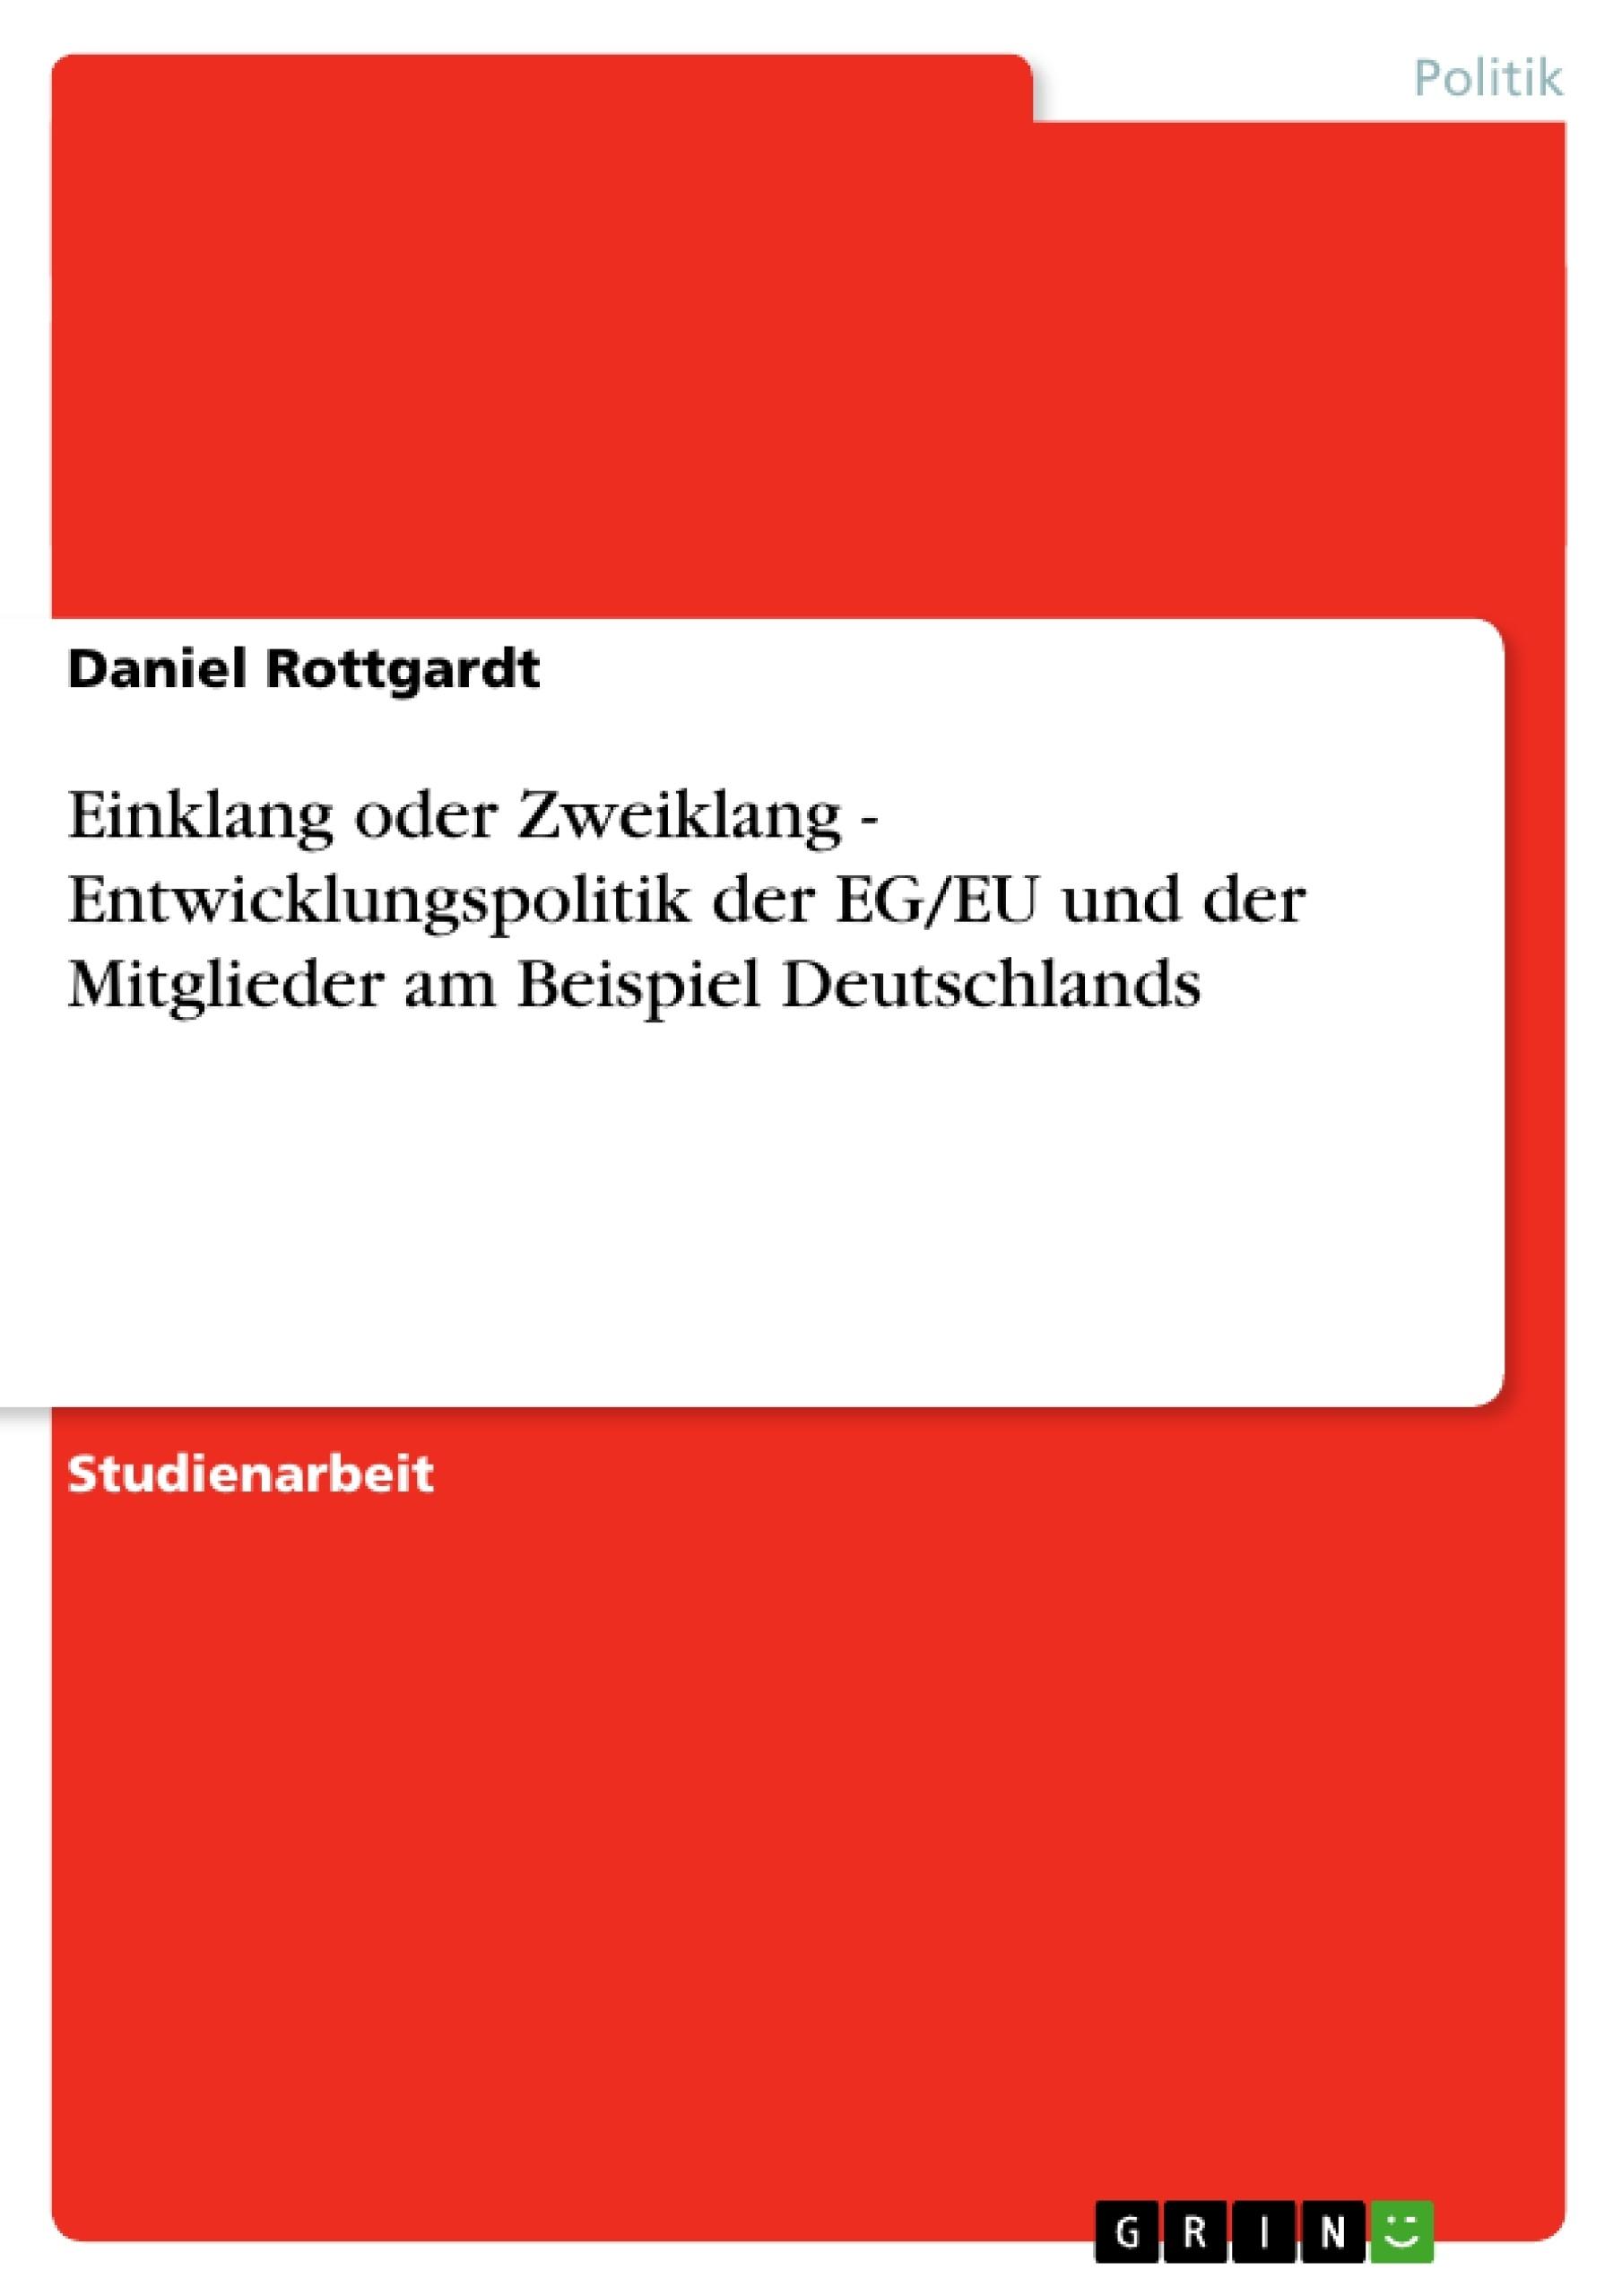 Titel: Einklang oder Zweiklang - Entwicklungspolitik der EG/EU  und der Mitglieder am Beispiel Deutschlands